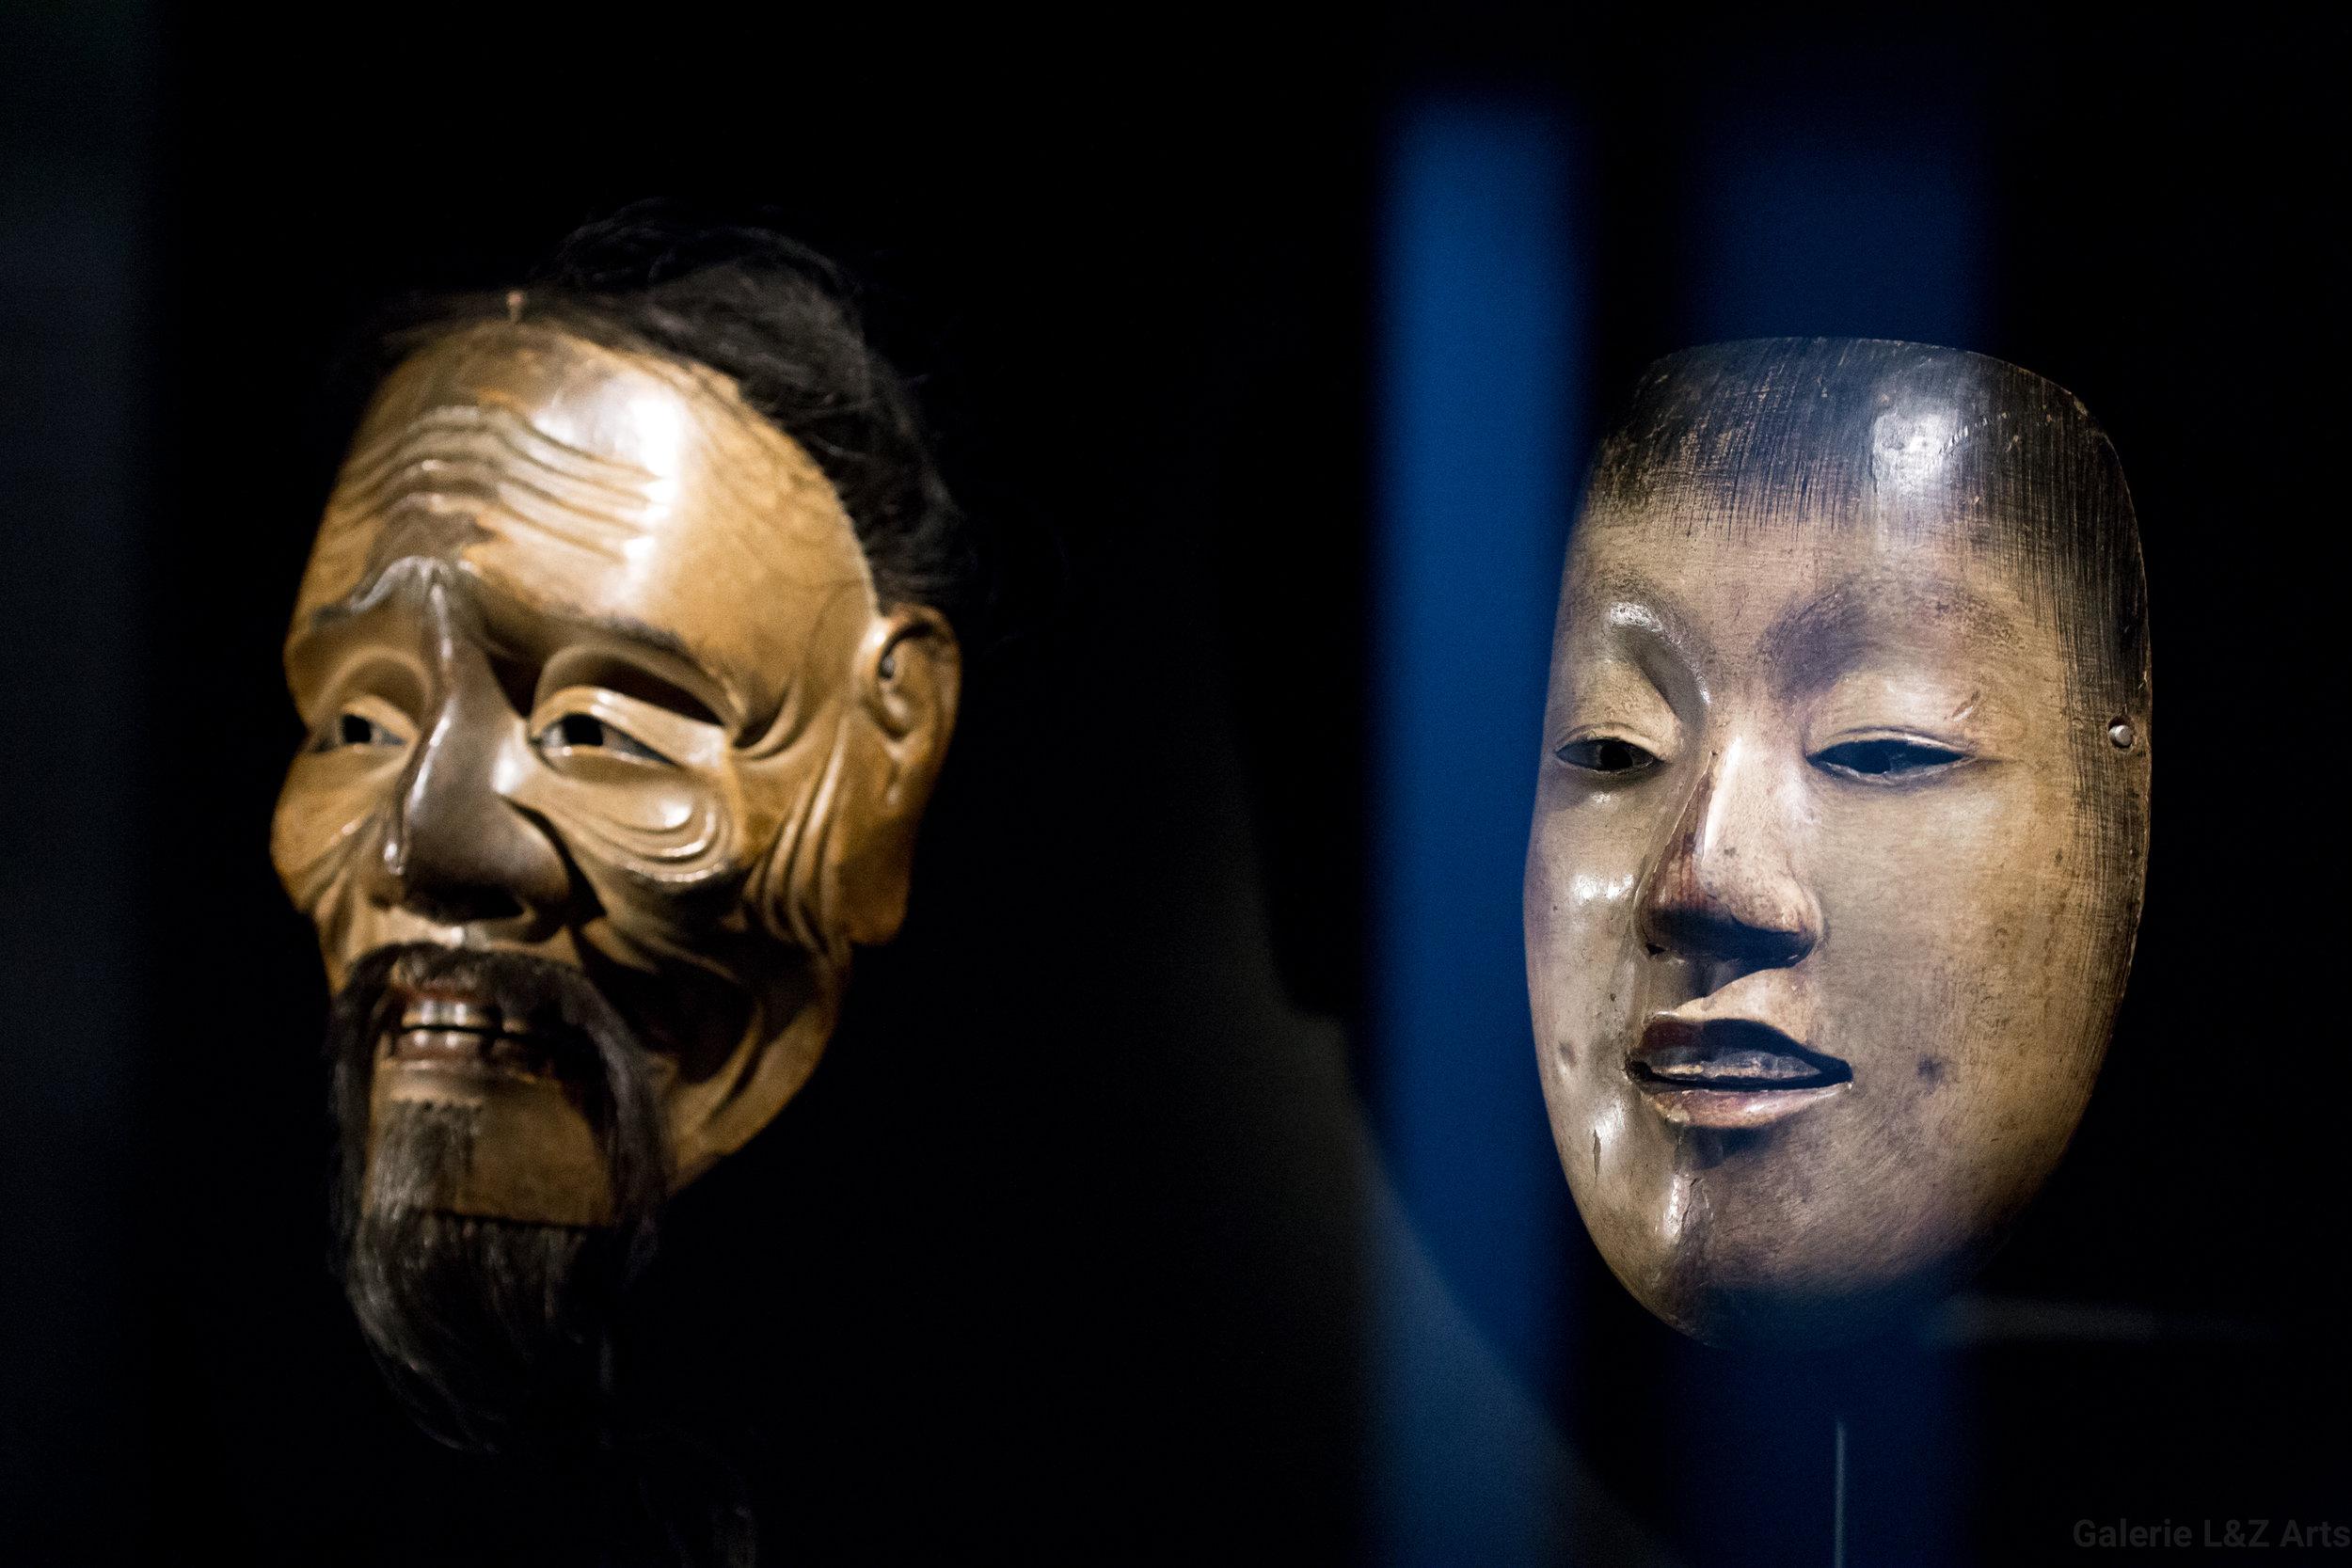 exposition-masque-art-tribal-africain-musee-quai-branly-belgique-galerie-lz-arts-liege-cite-miroir-oceanie-asie-japon-amerique-art-premier-nepal-31.jpg